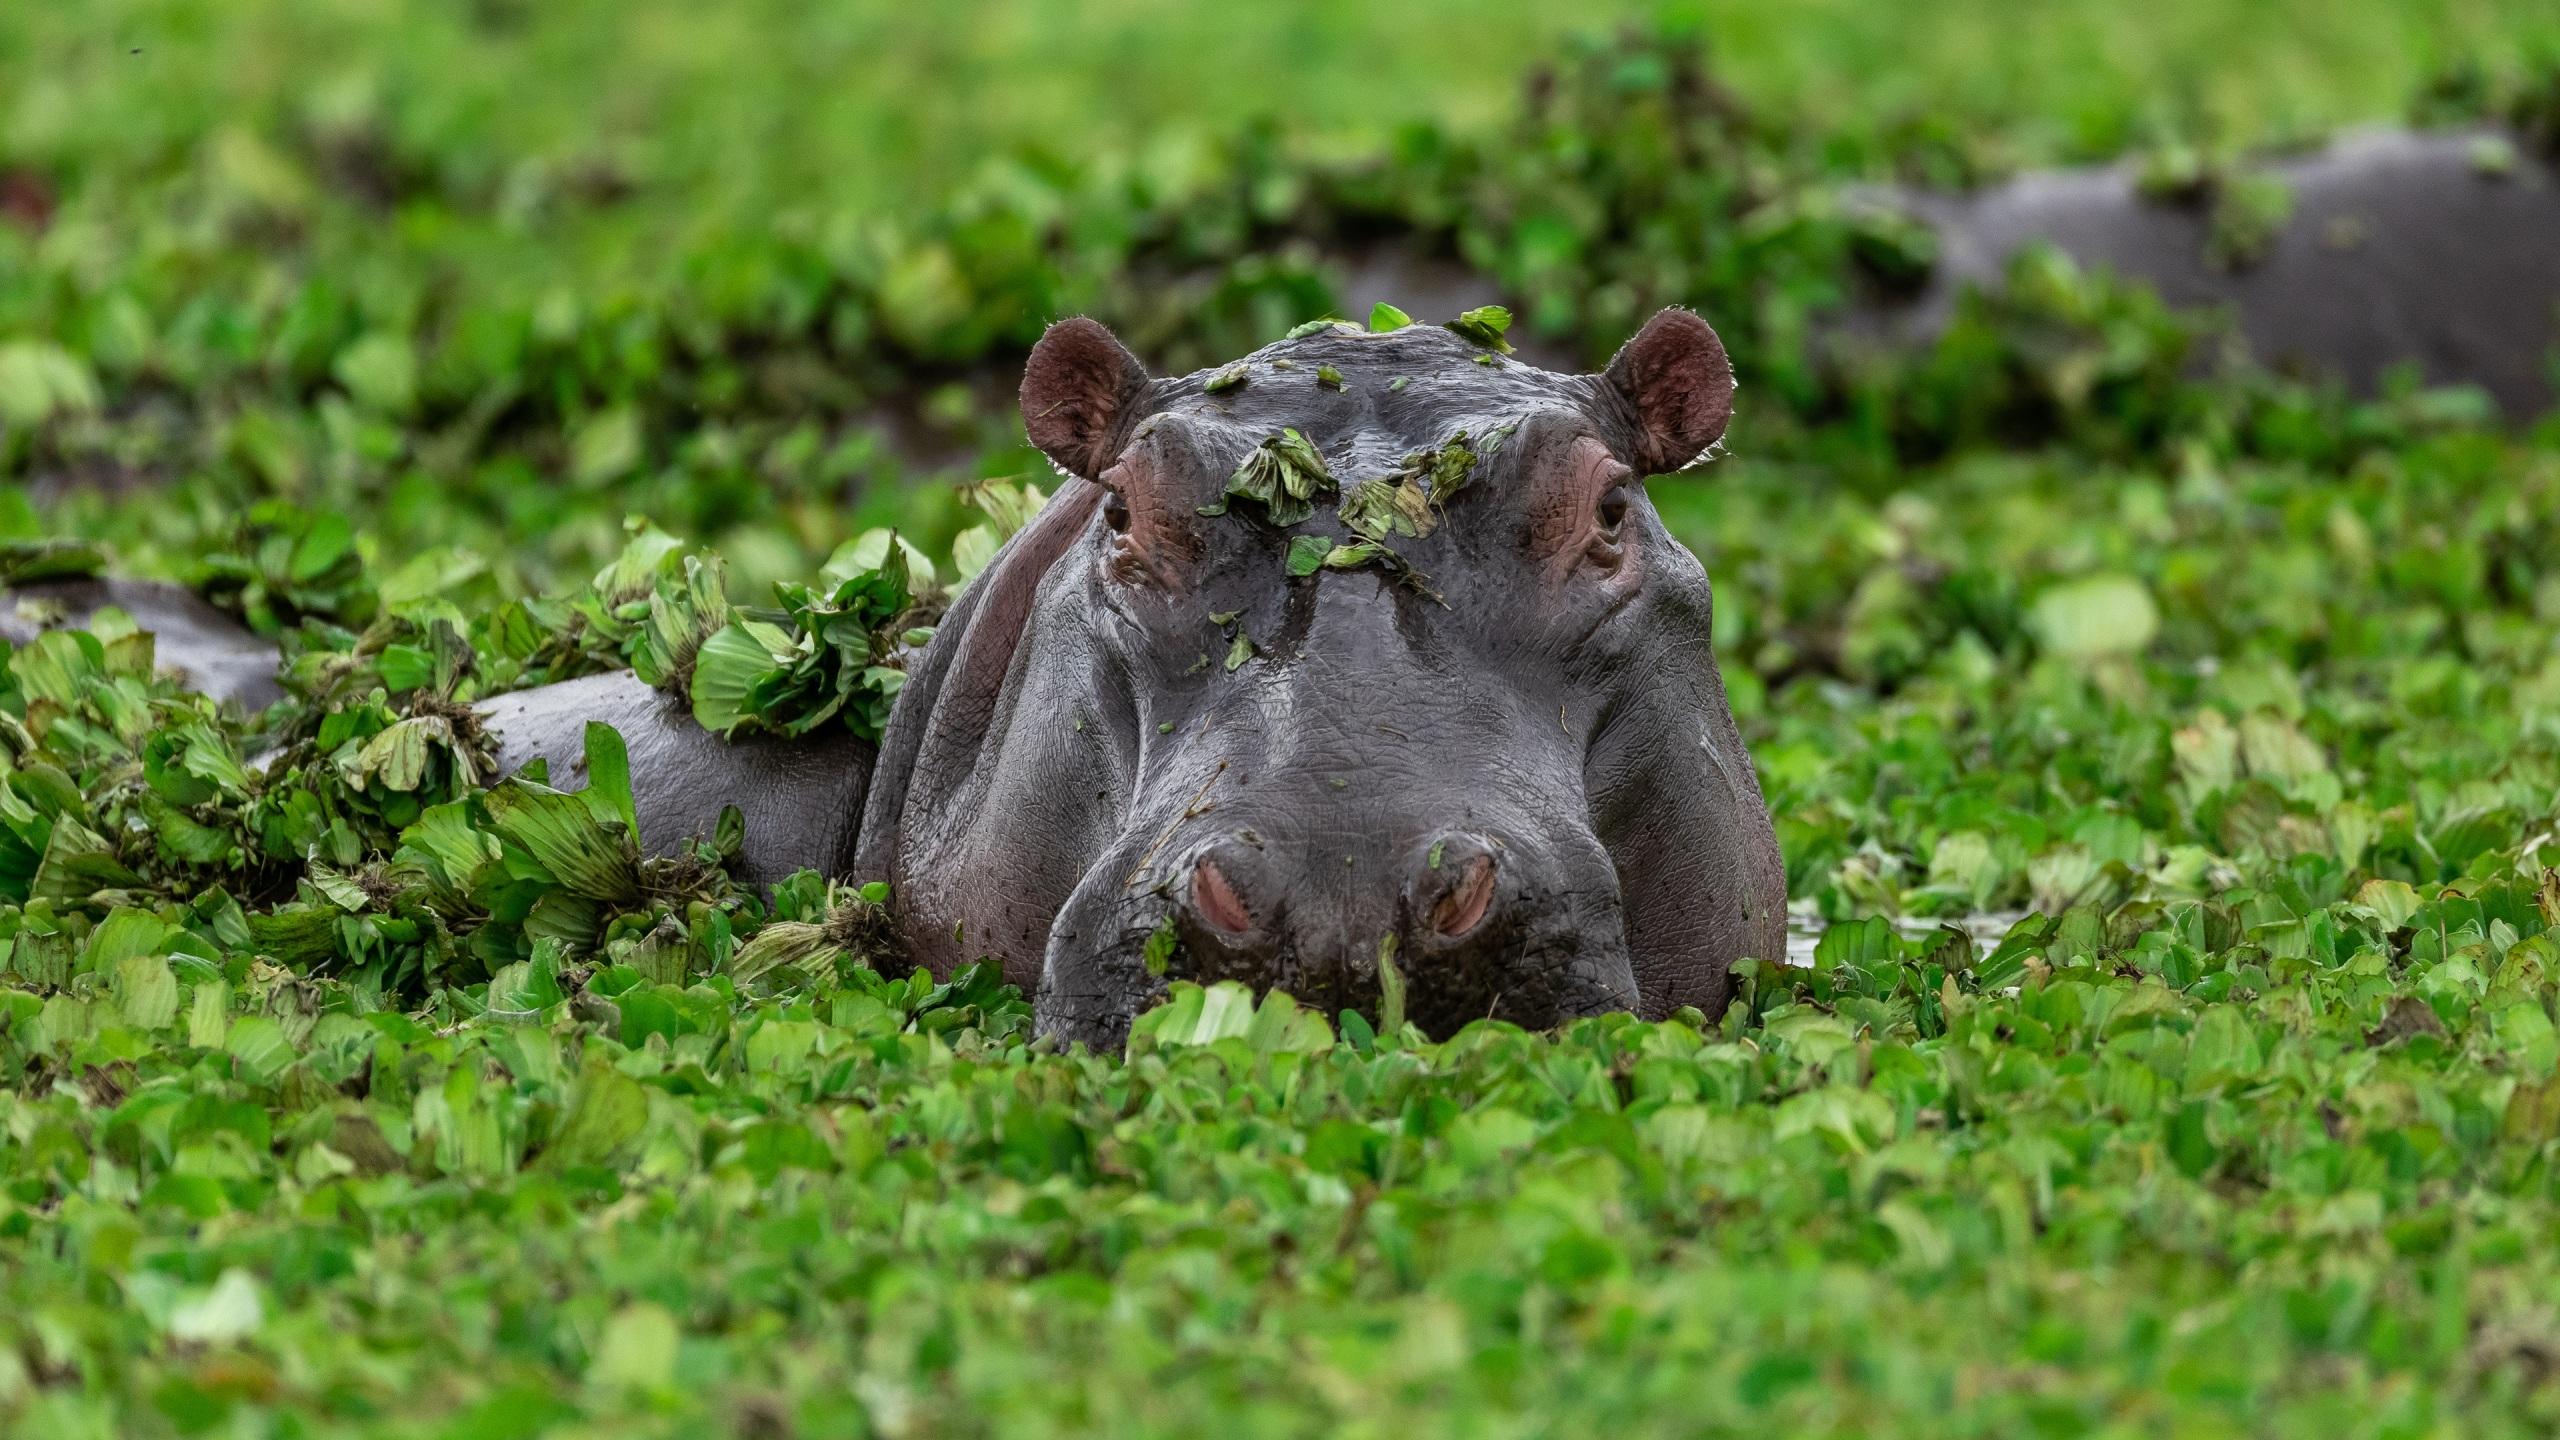 Картинки Гиппопотамы лист болотом Голова животное 2560x1440 Бегемоты Листья Листва Болото болоте головы Животные